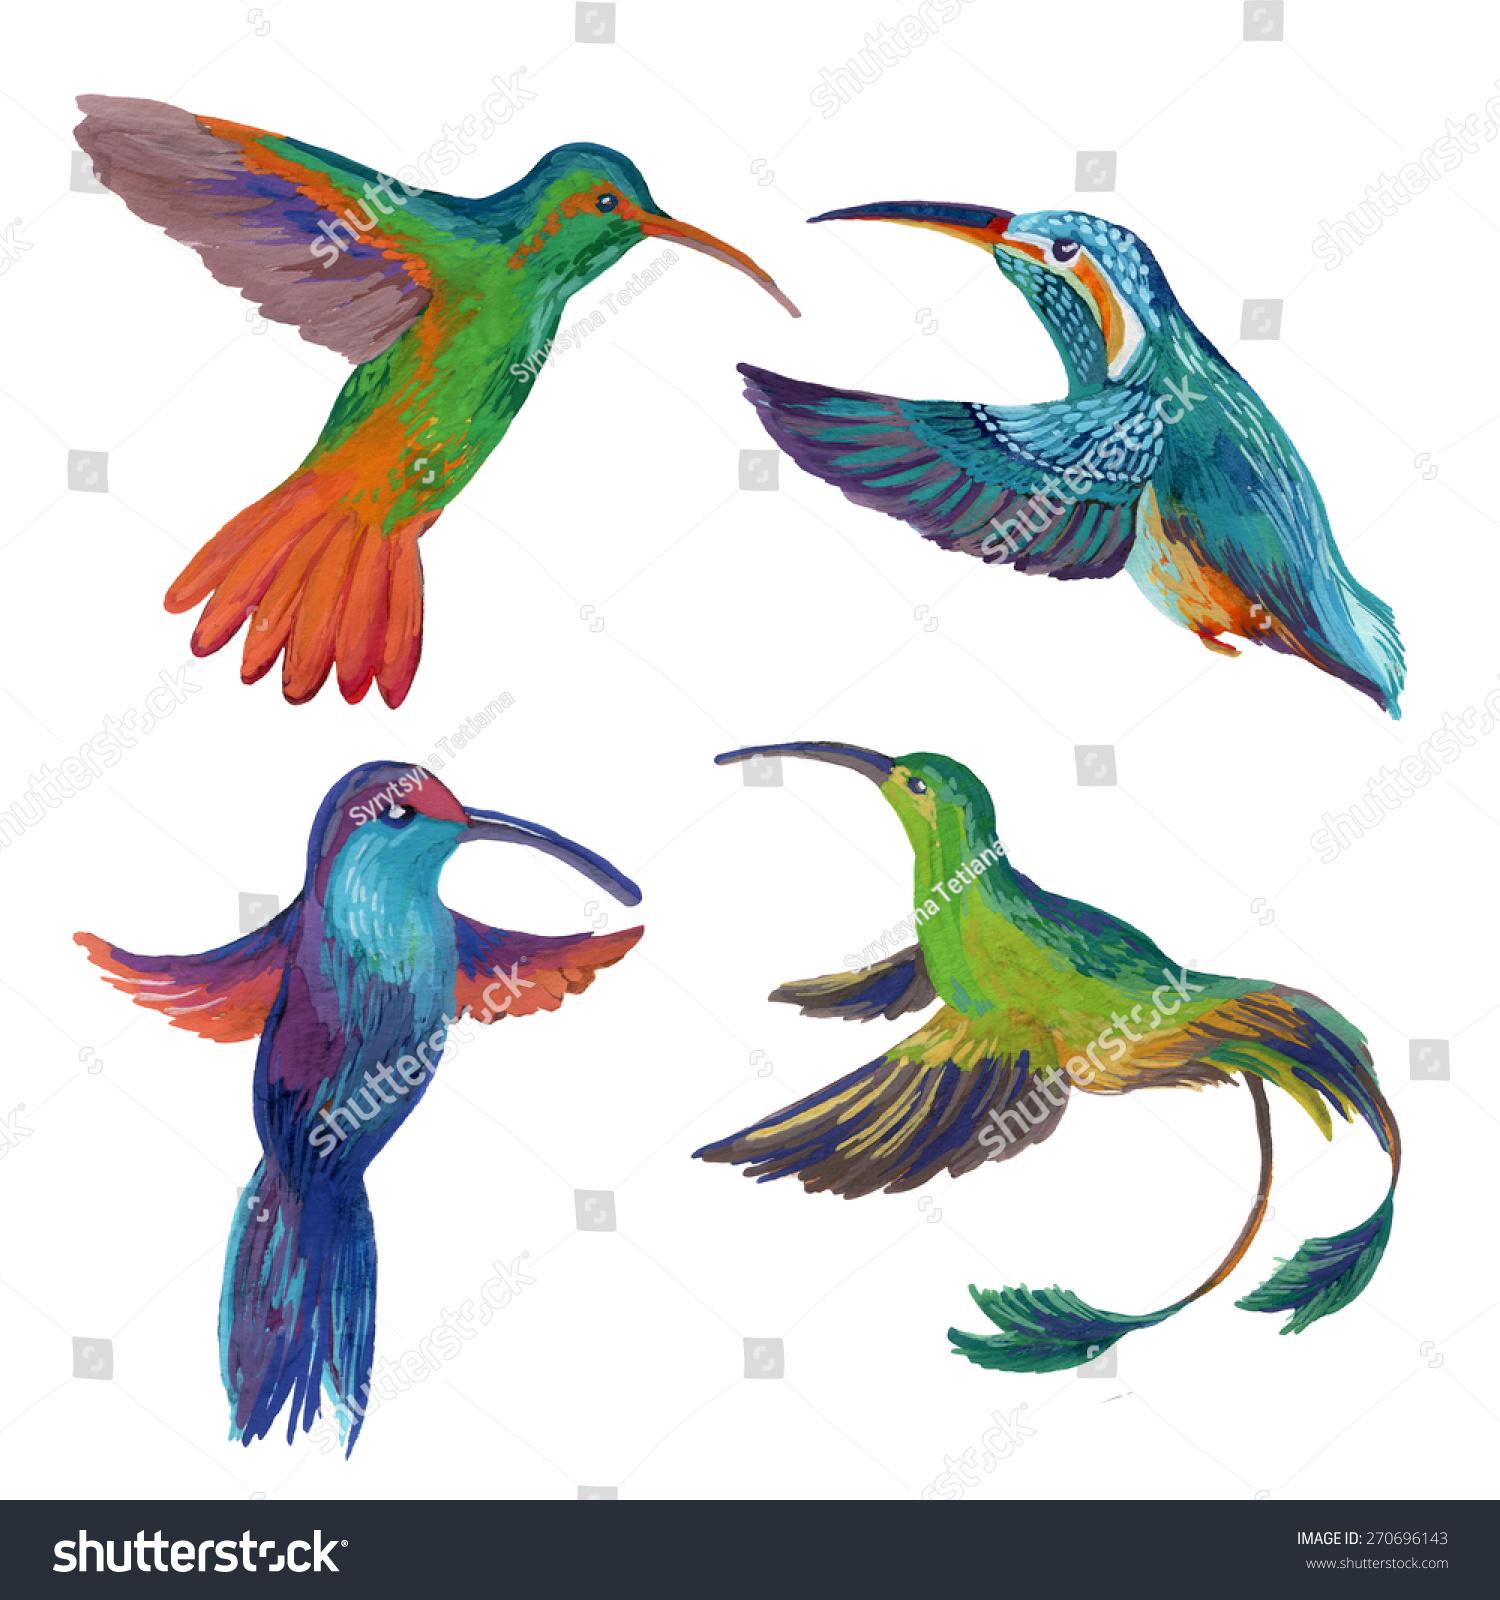 蜂鸟飞行的手绘插图-动物/野生生物